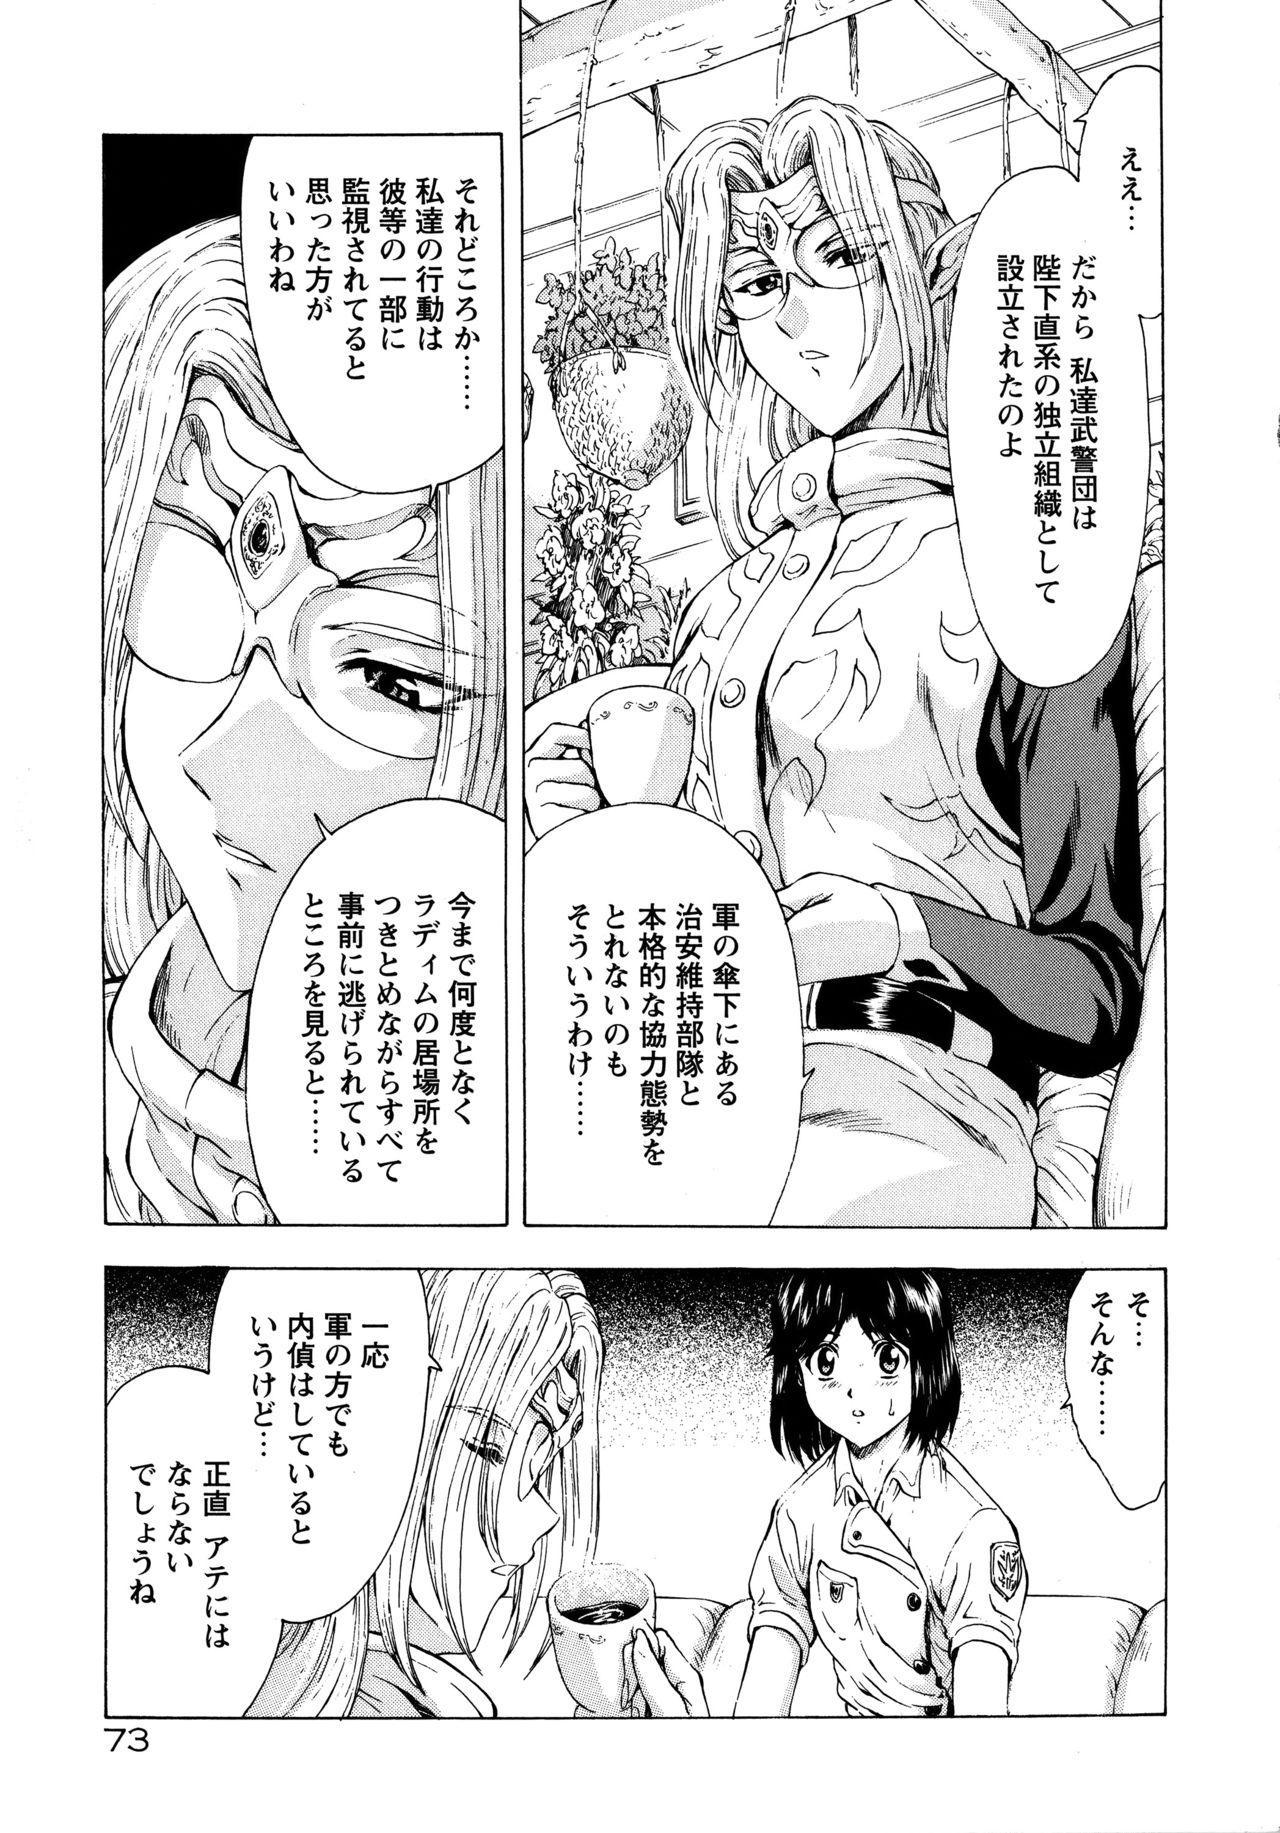 Ginryuu no Reimei Vol. 1 80